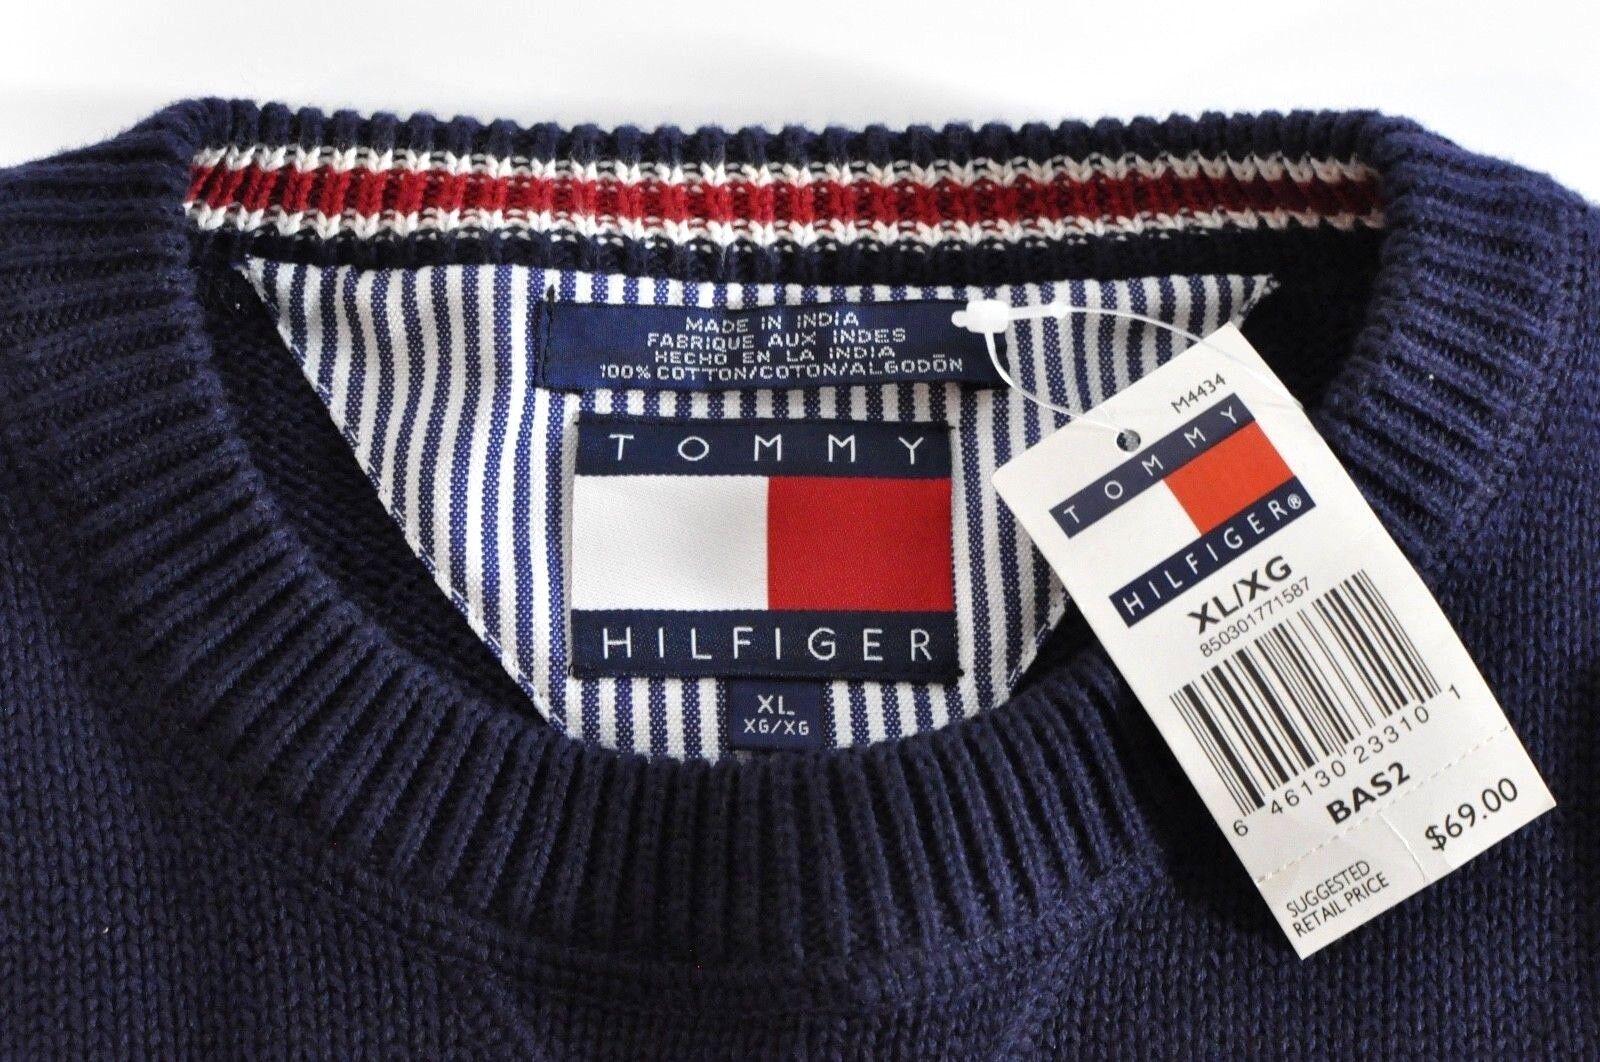 NOS Vintage Tommy Hillfiger Sweater  Herren XL